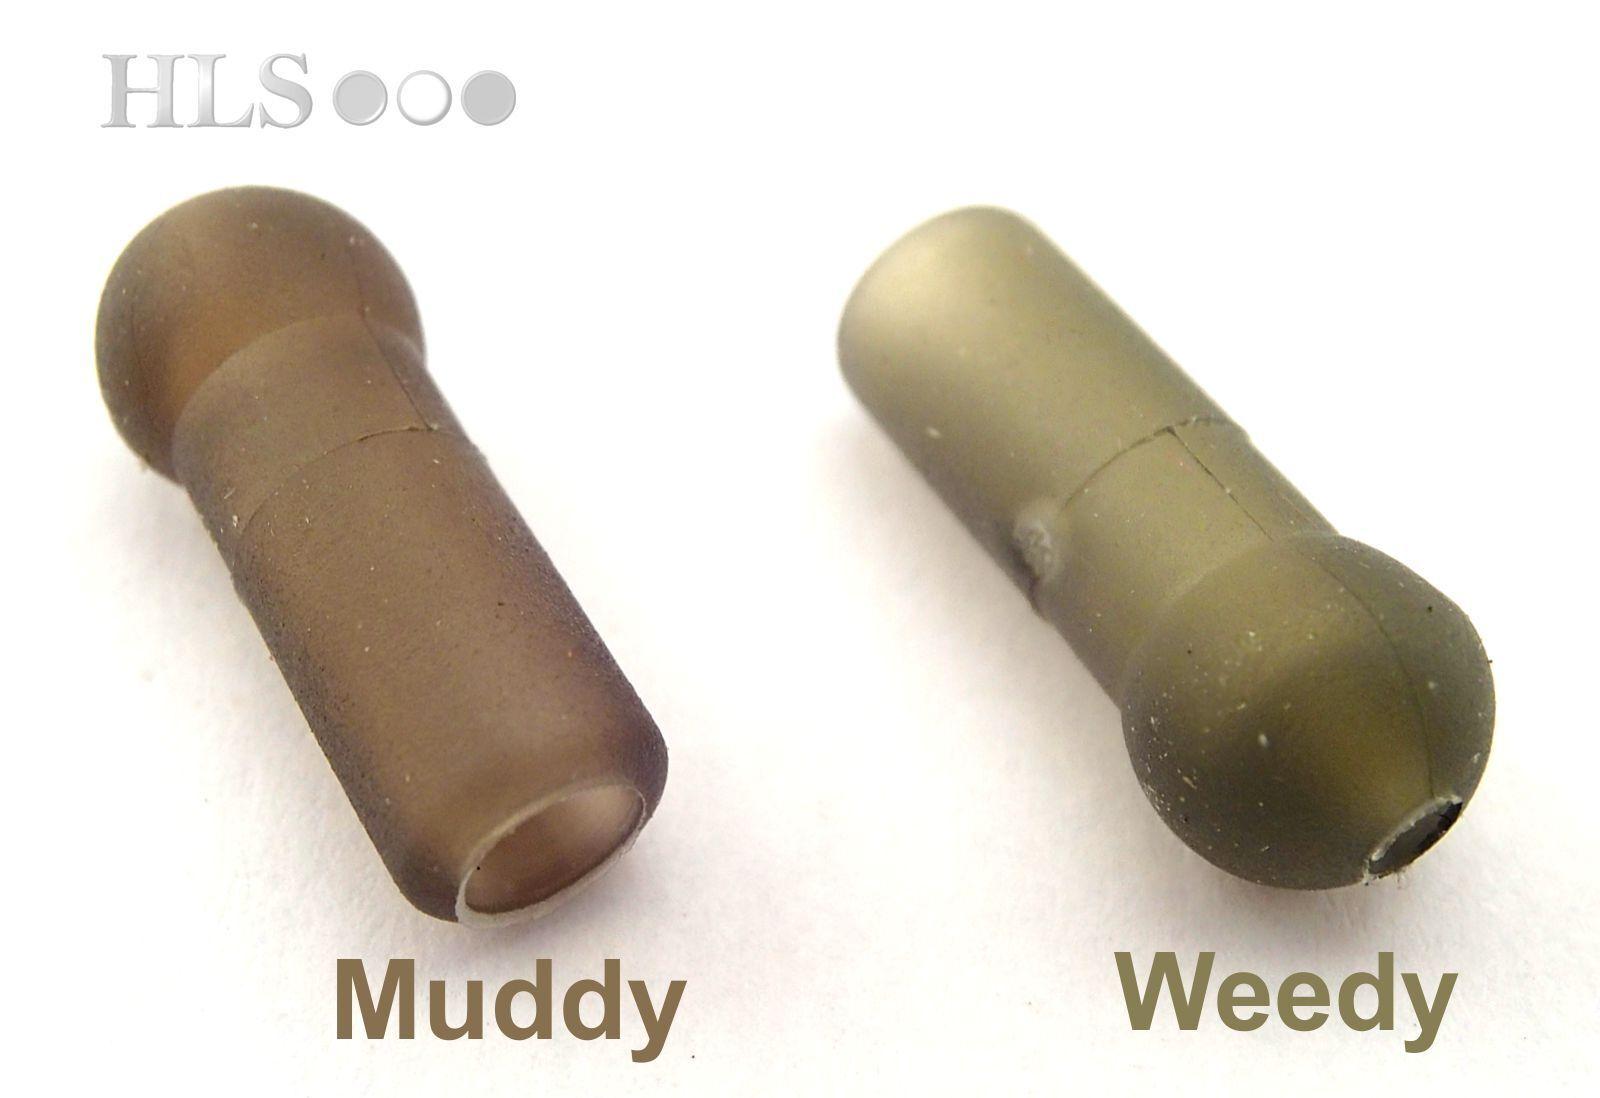 Puffer Wulst Muddy und Schmächtig Knoten Schutz Perlen - Hls Hls Hls Karpfen  | Zu verkaufen  5f71af